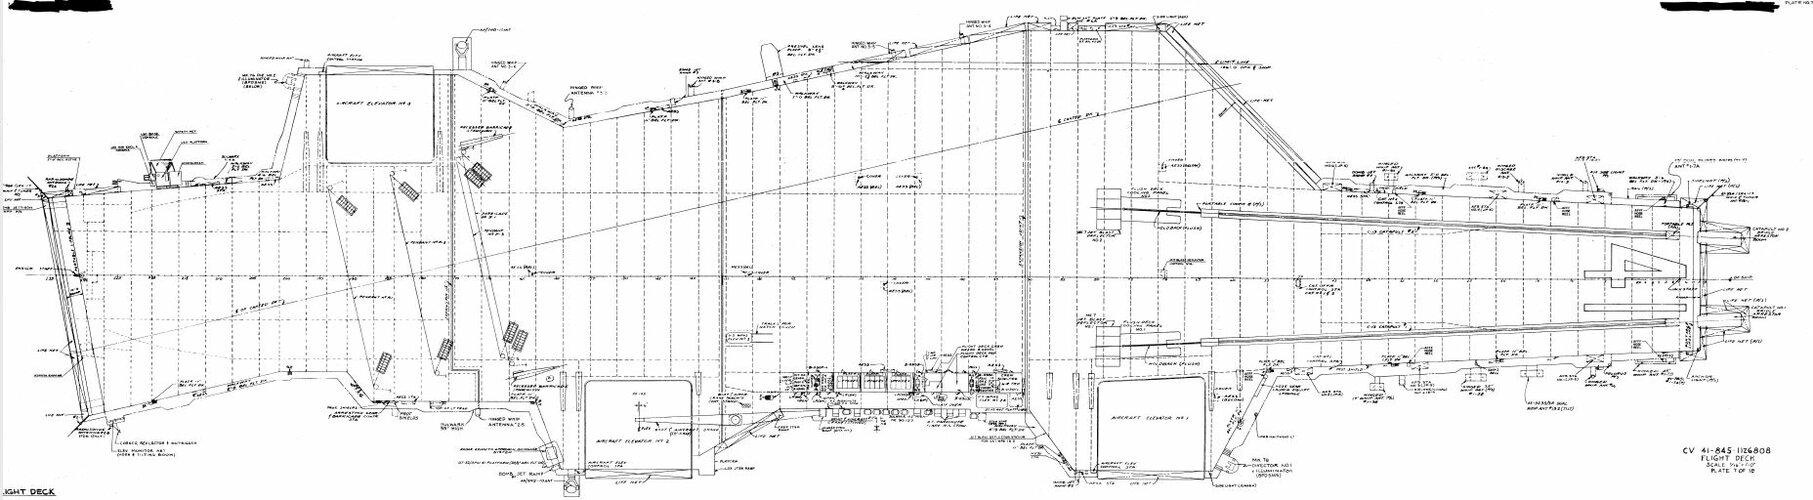 CV-41 Flight Deck.JPG